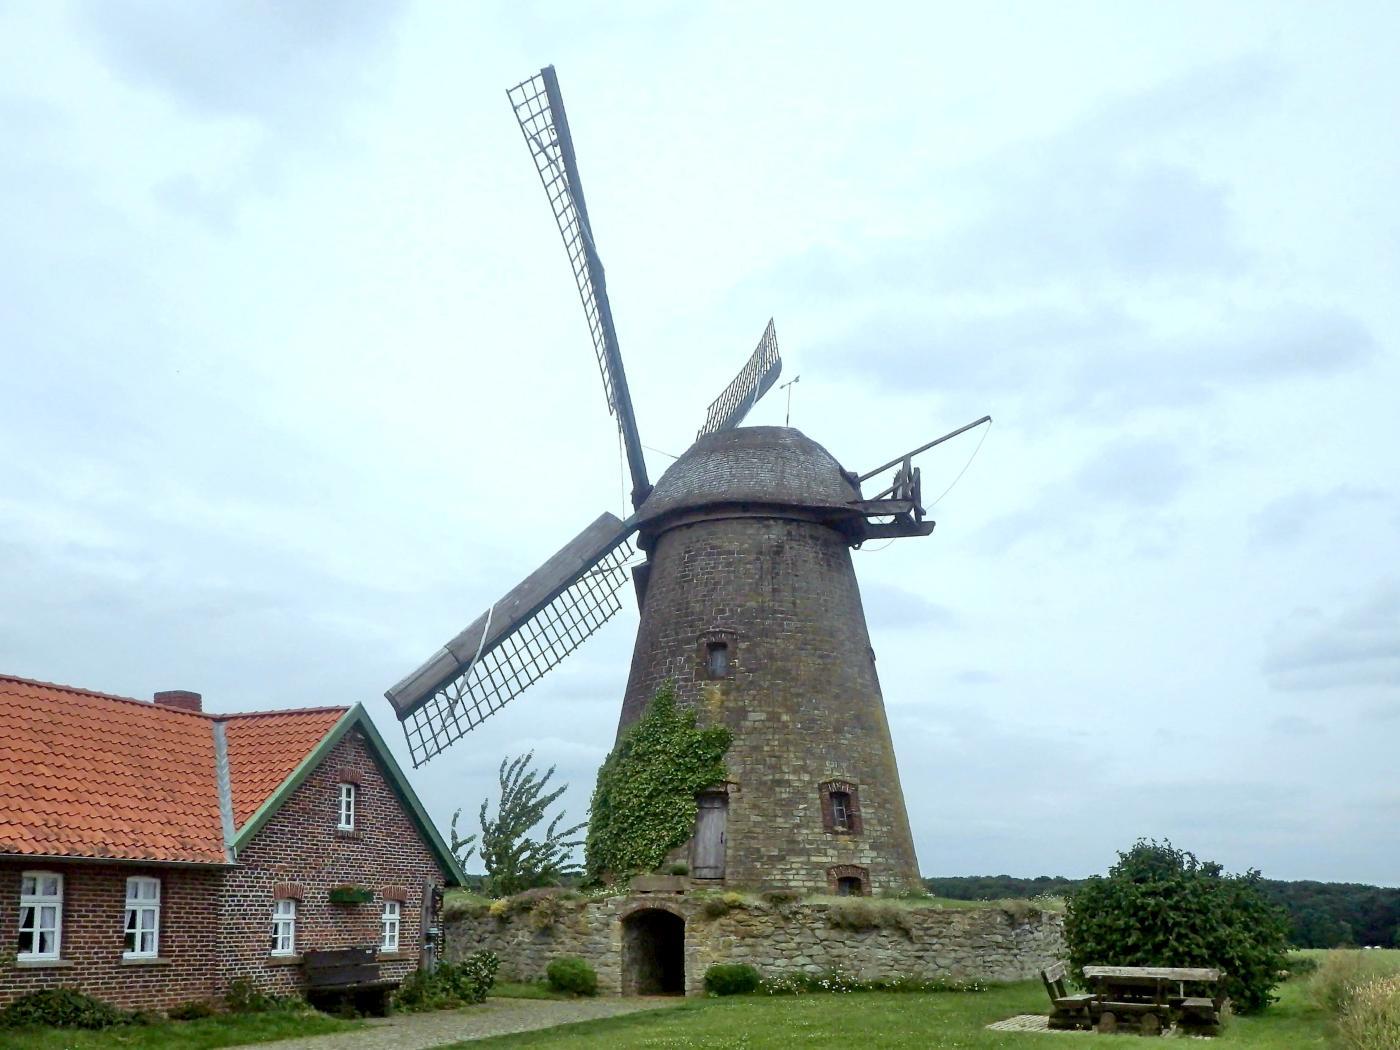 Windmühle Westhoyel